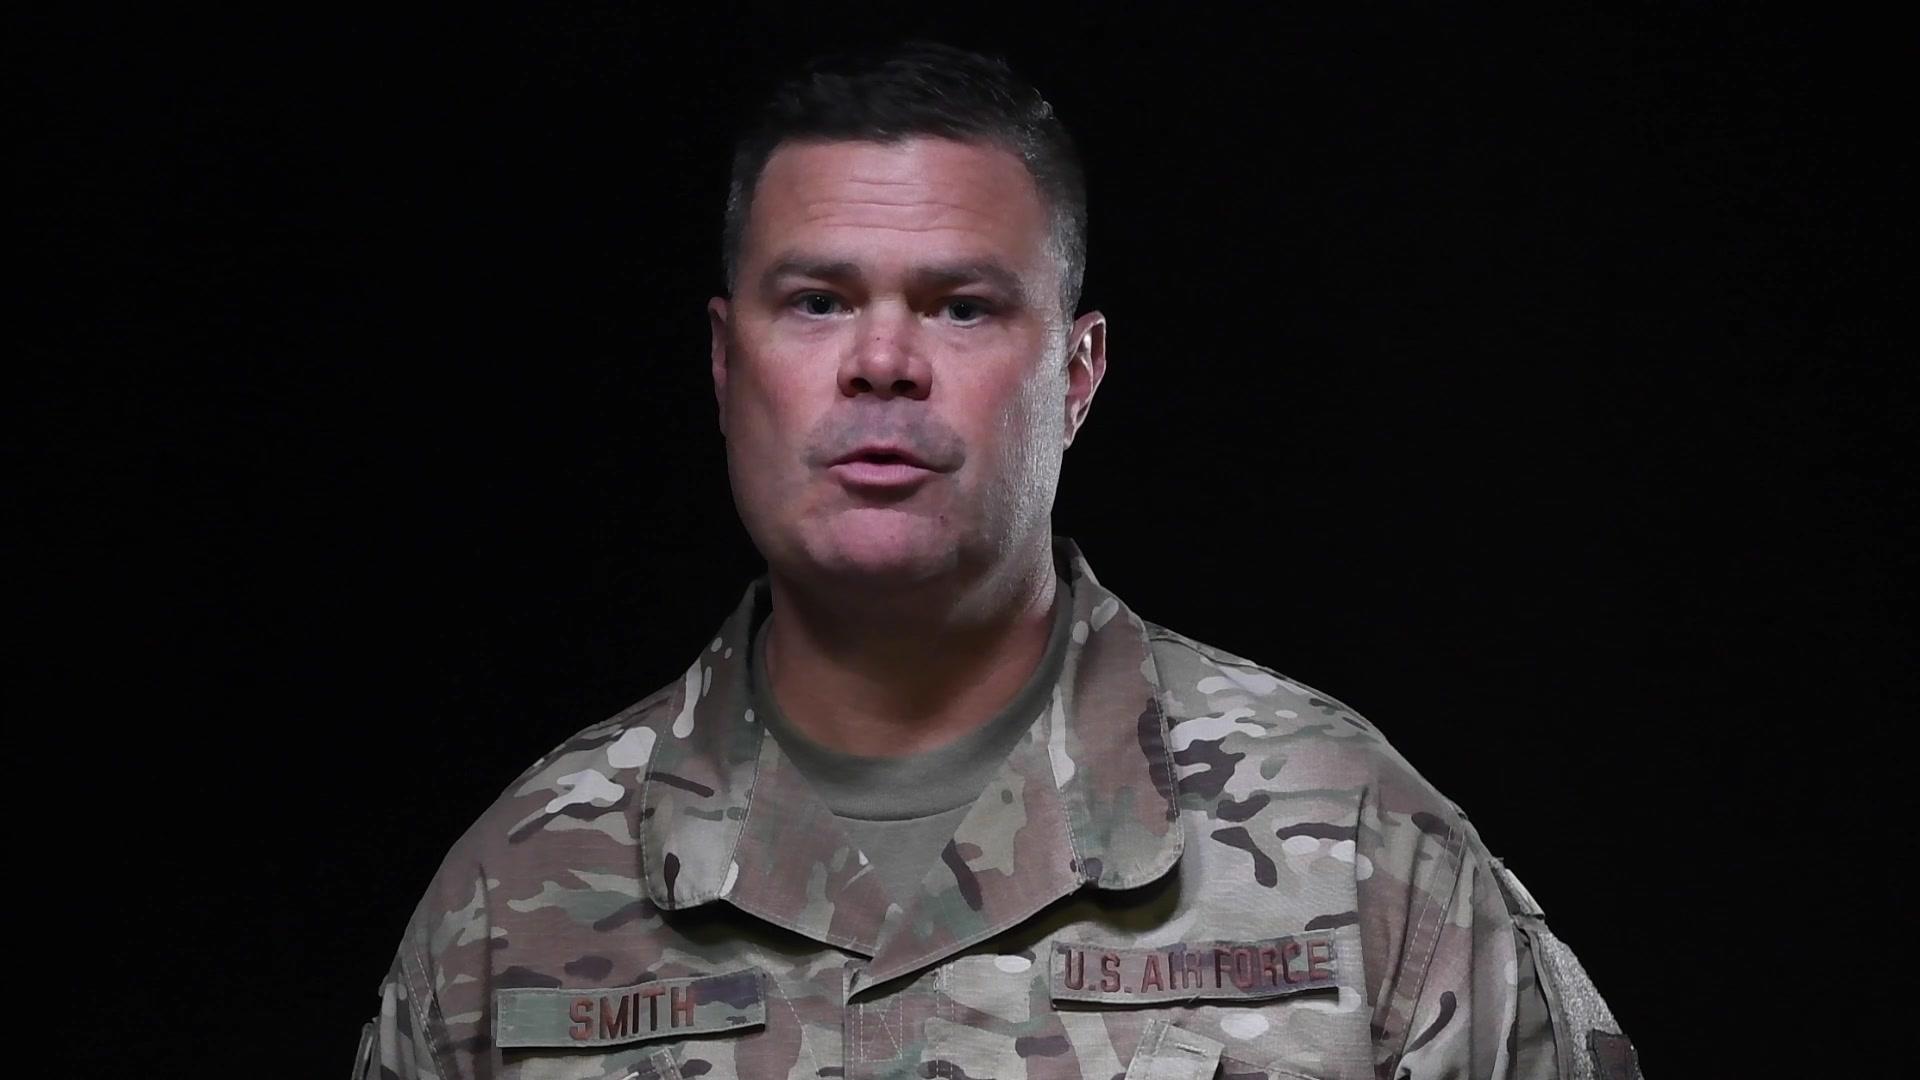 Video of Airmen from Davis-Monthan